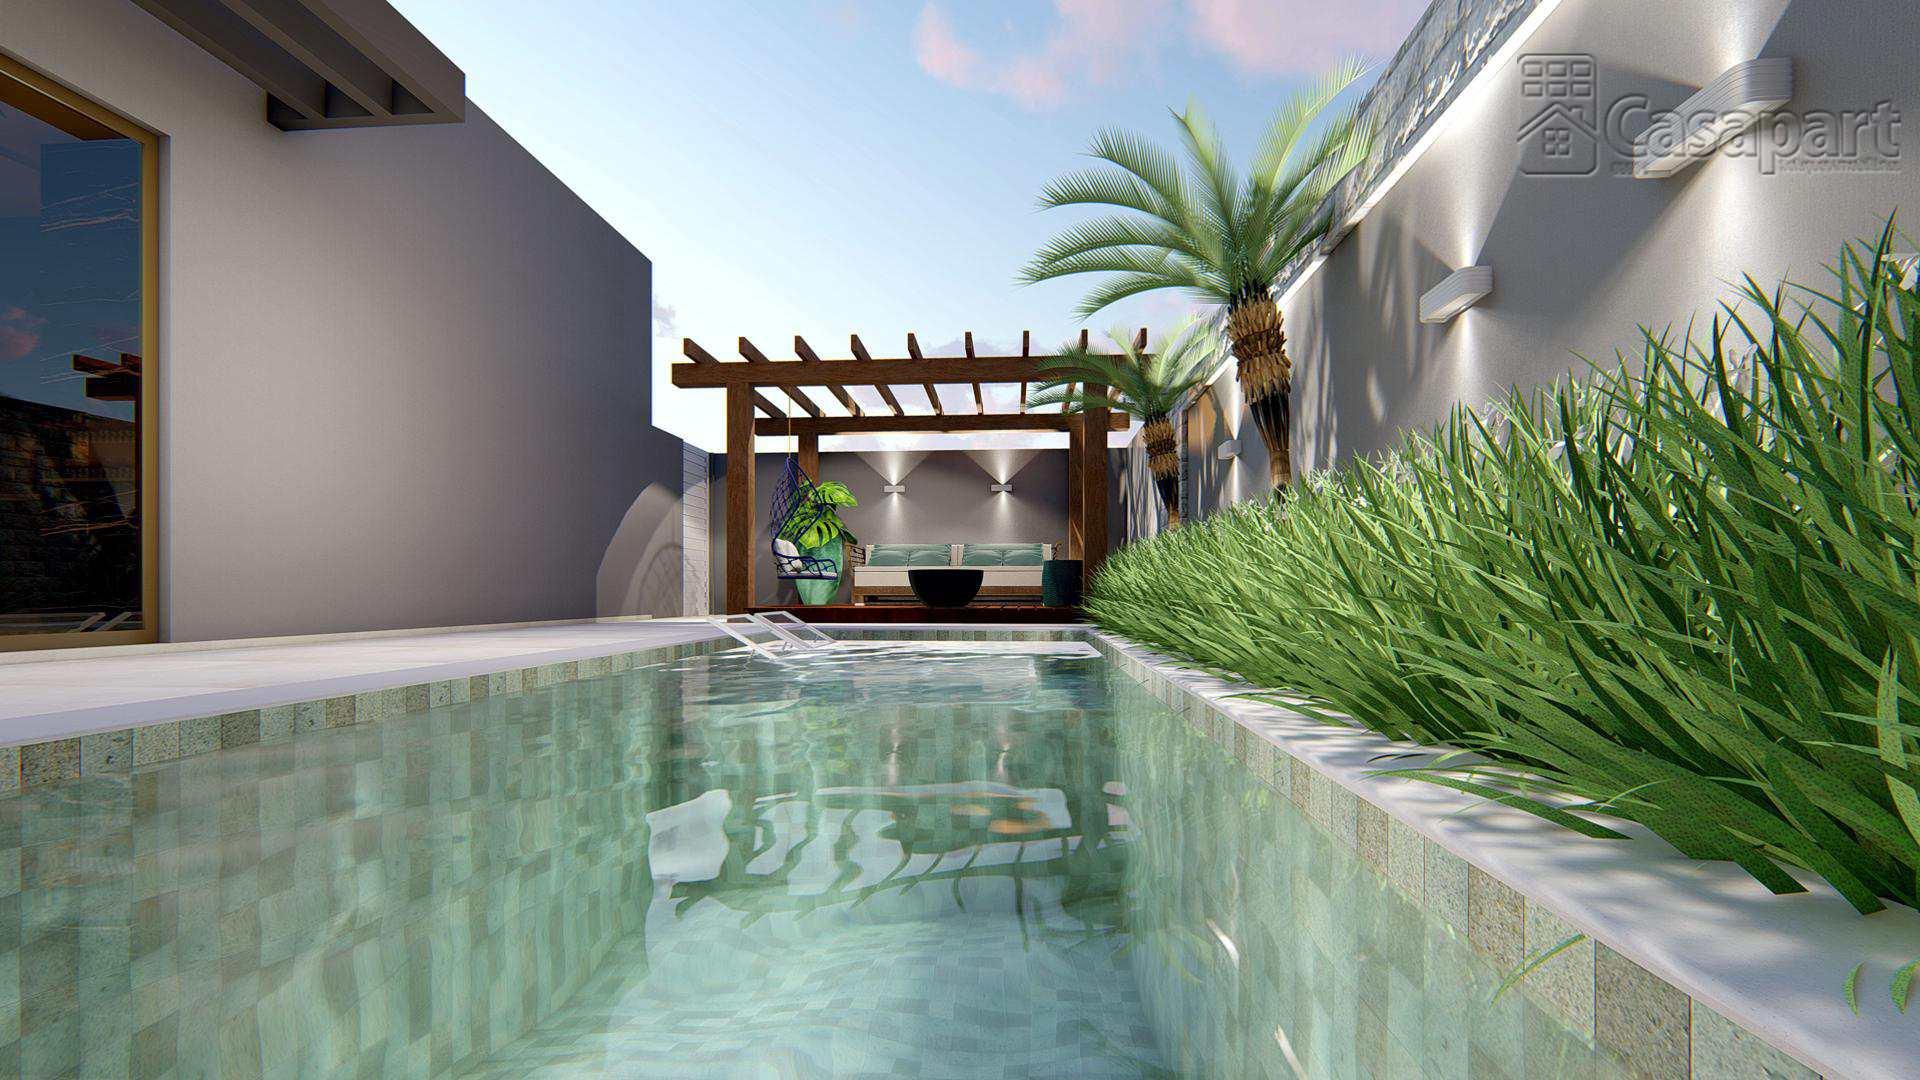 Casa de Condomínio com 3 dorms, Residencial Damha III, Campo Grande - R$ 1.25 mi, Cod: 444